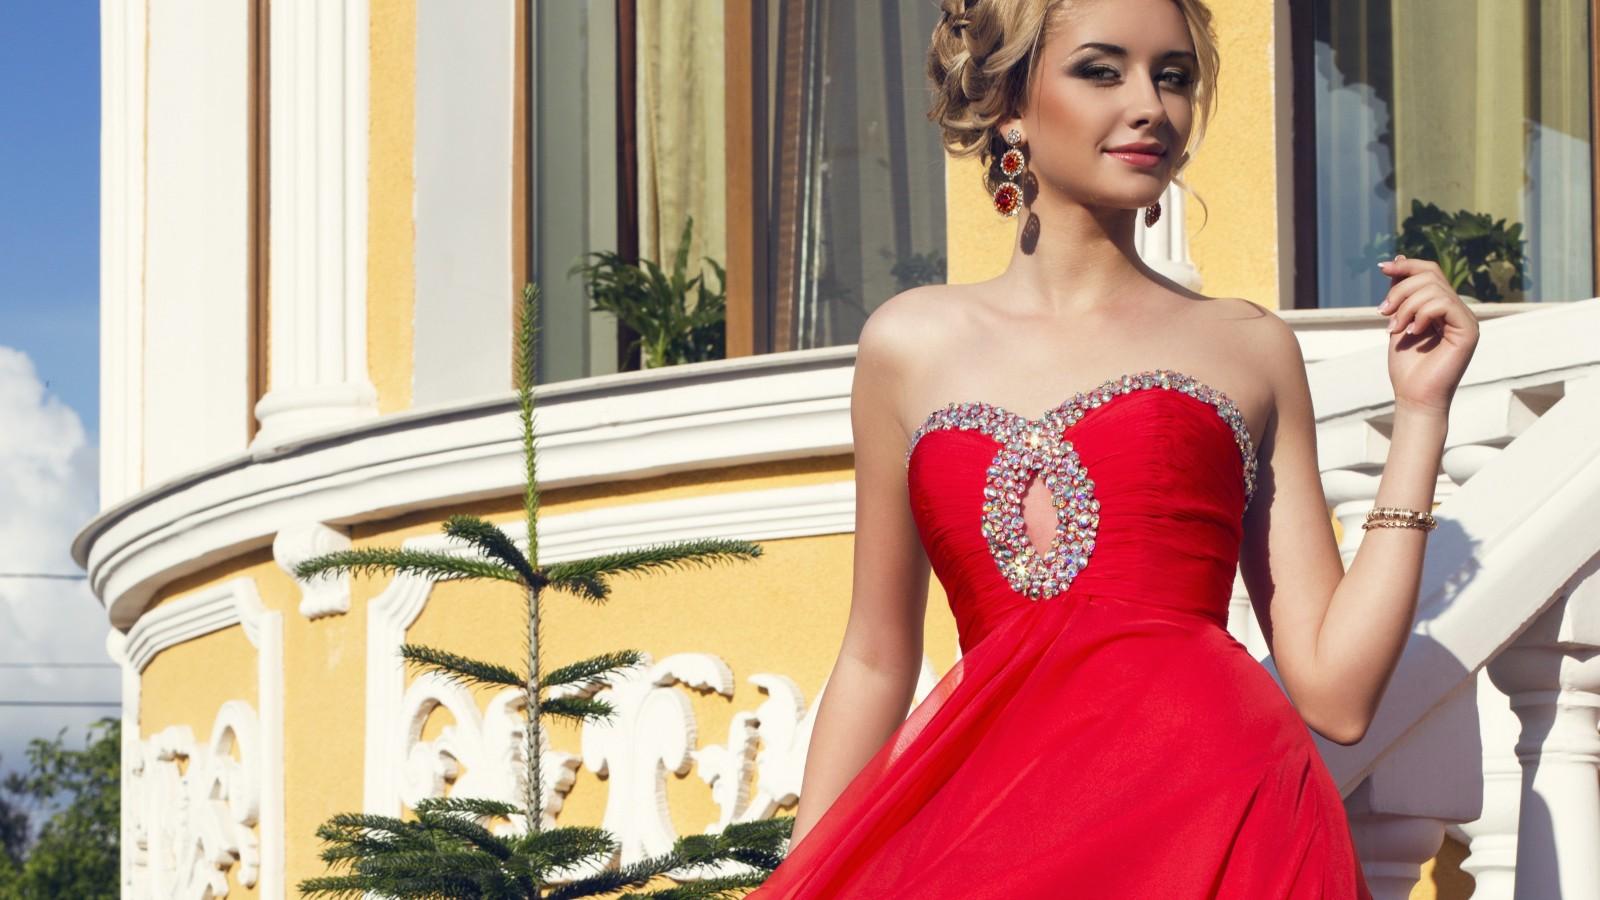 Красивая блондинка в красном платье 86